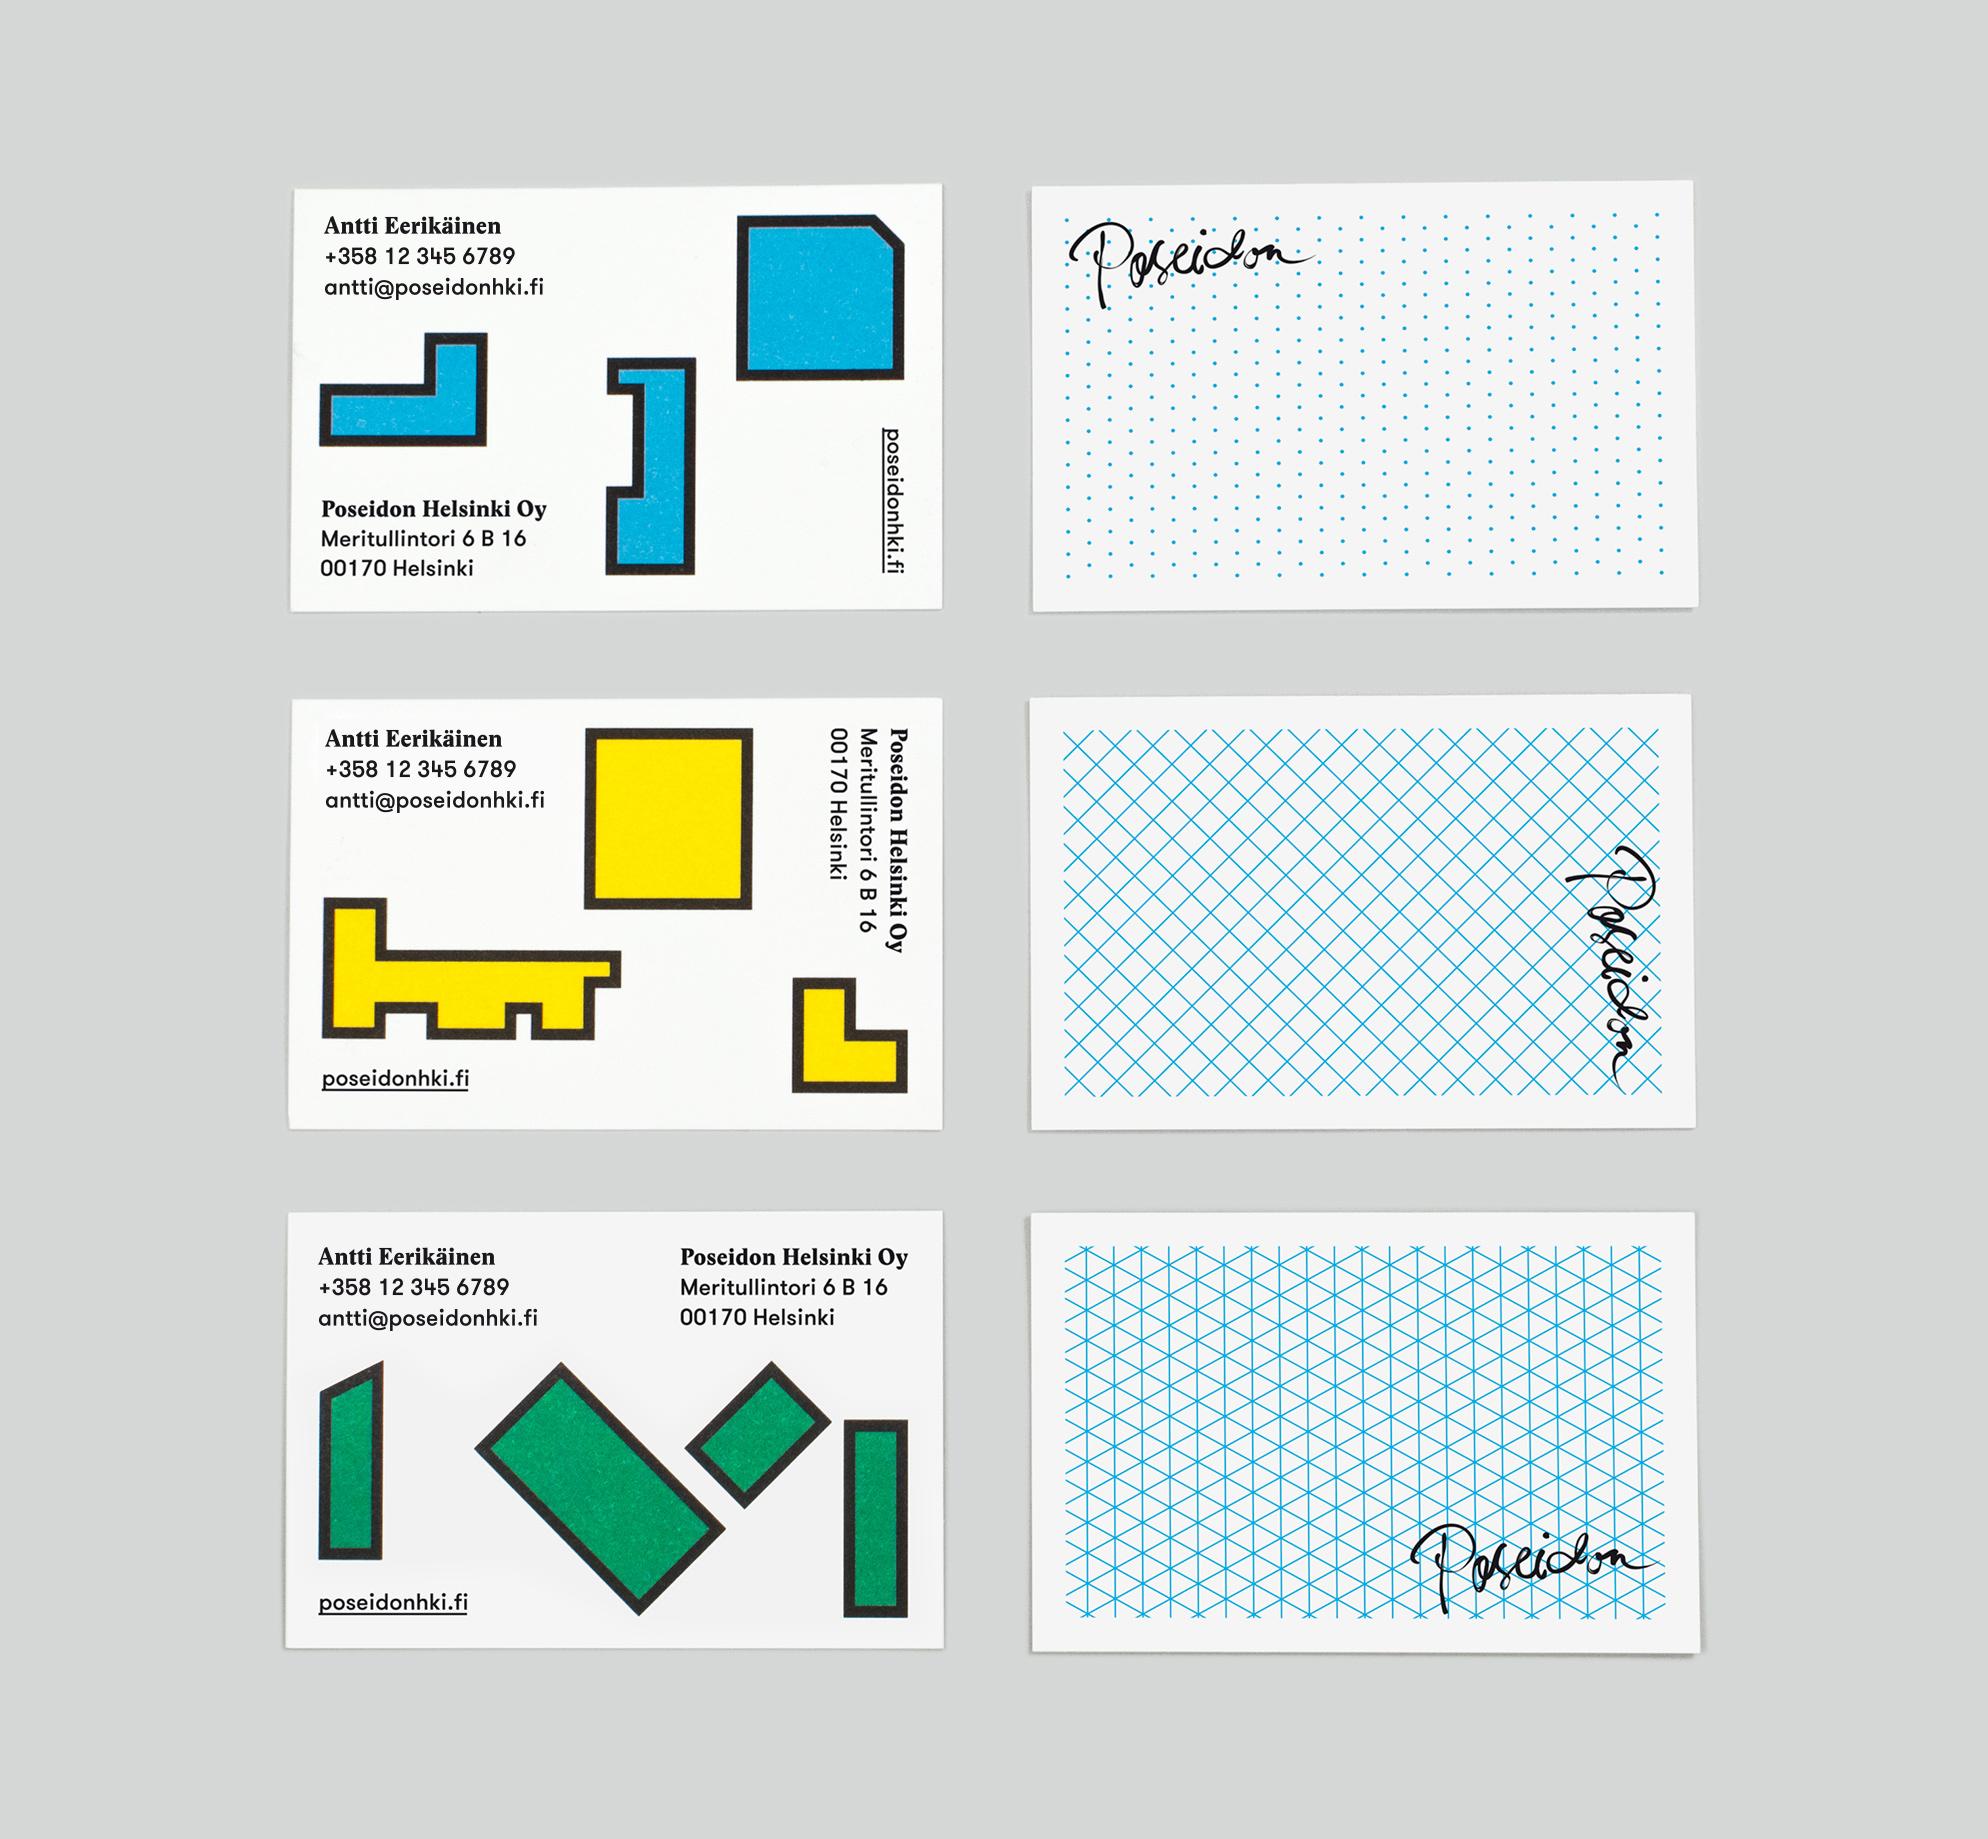 Limprimeur Propose Des Solutions Flexibles Et Rapides Dispose Dun Large Eventail De Produits La Carte Visite Aux Grands Formats Pour Sadapter